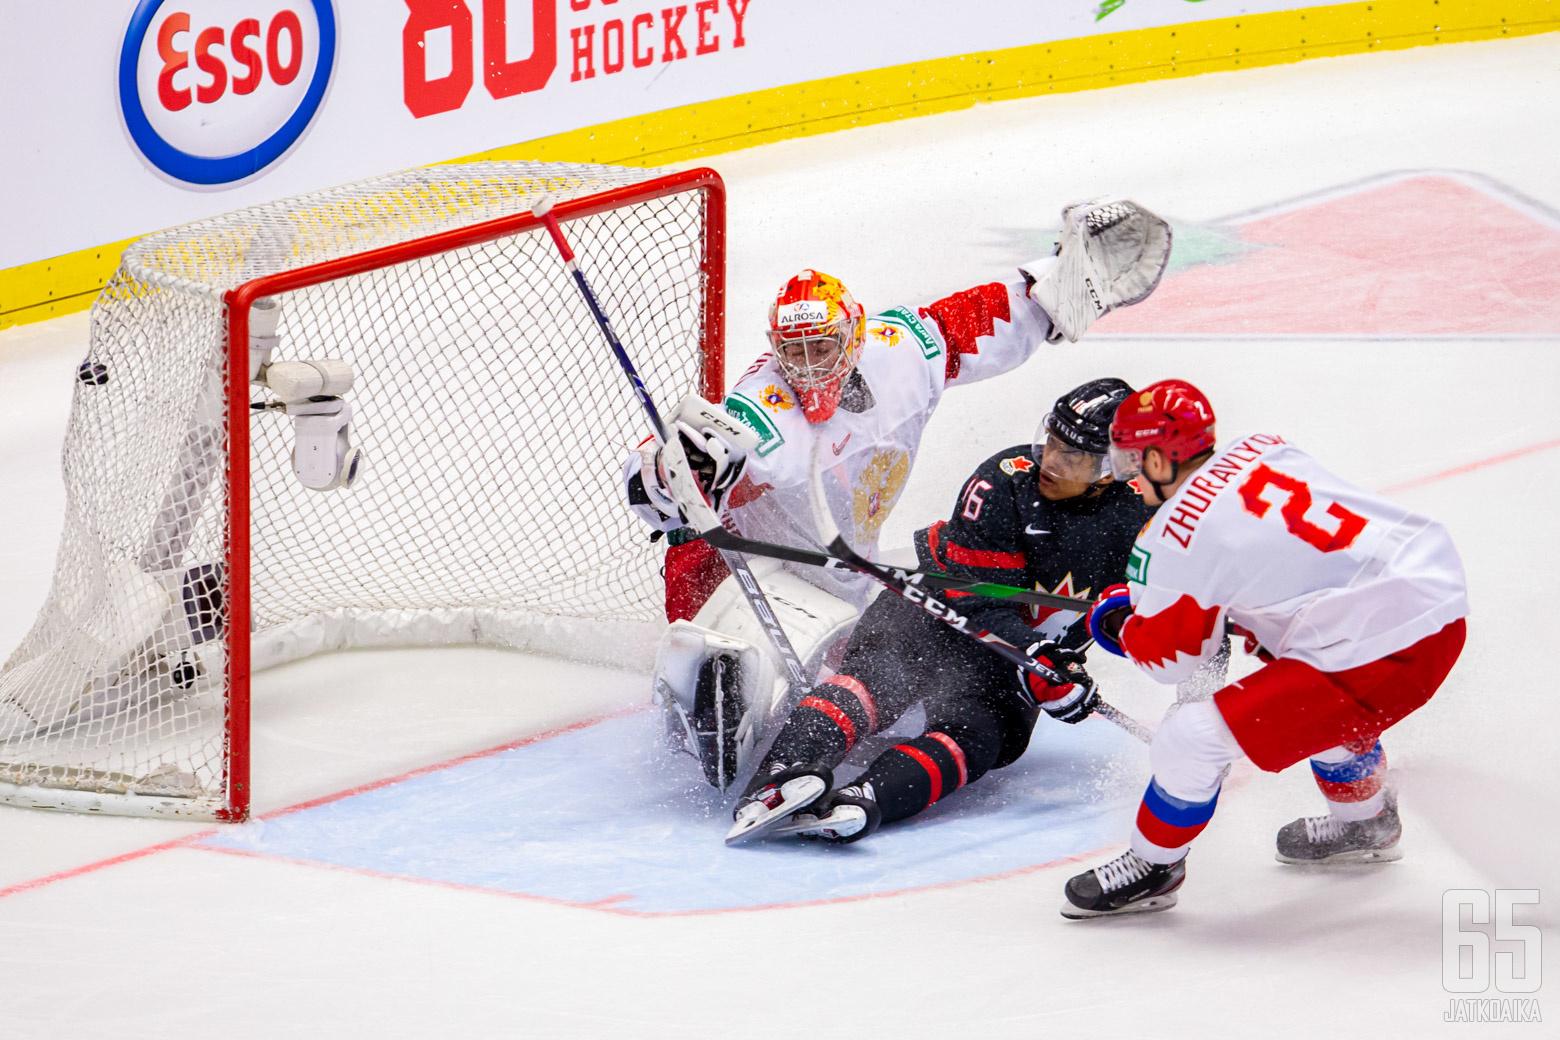 Kanada-Venäjä, finaali, Nuorten MM-kisat 5.1.2020, Ostravar Aréna, Ostrava. (Kuva: Jari Mäki-Kuutti)